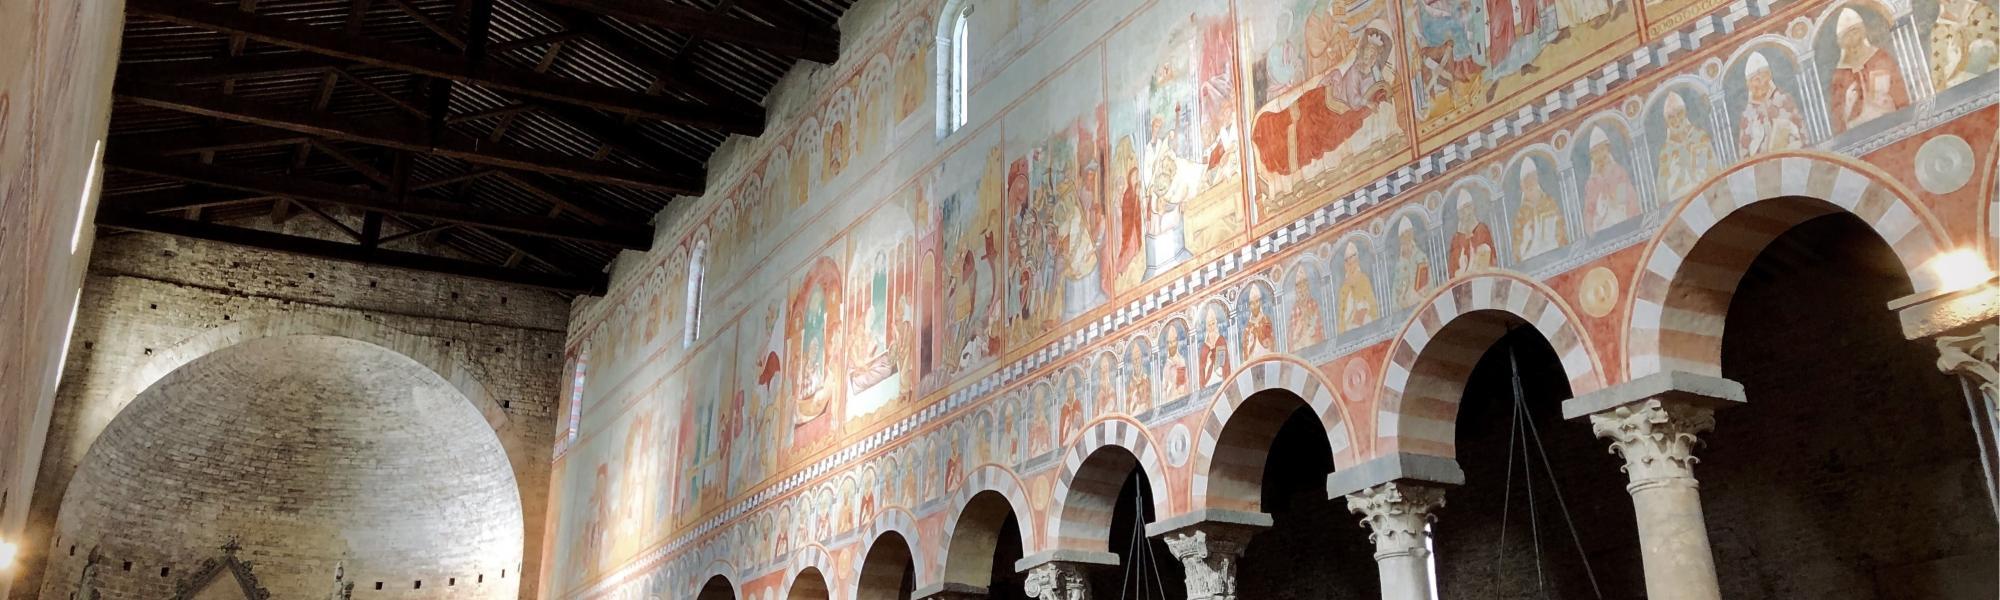 Decorazione navata ad affresco - Basilica di San Piero a Grado (G. Bettini, Comune di Pisa)